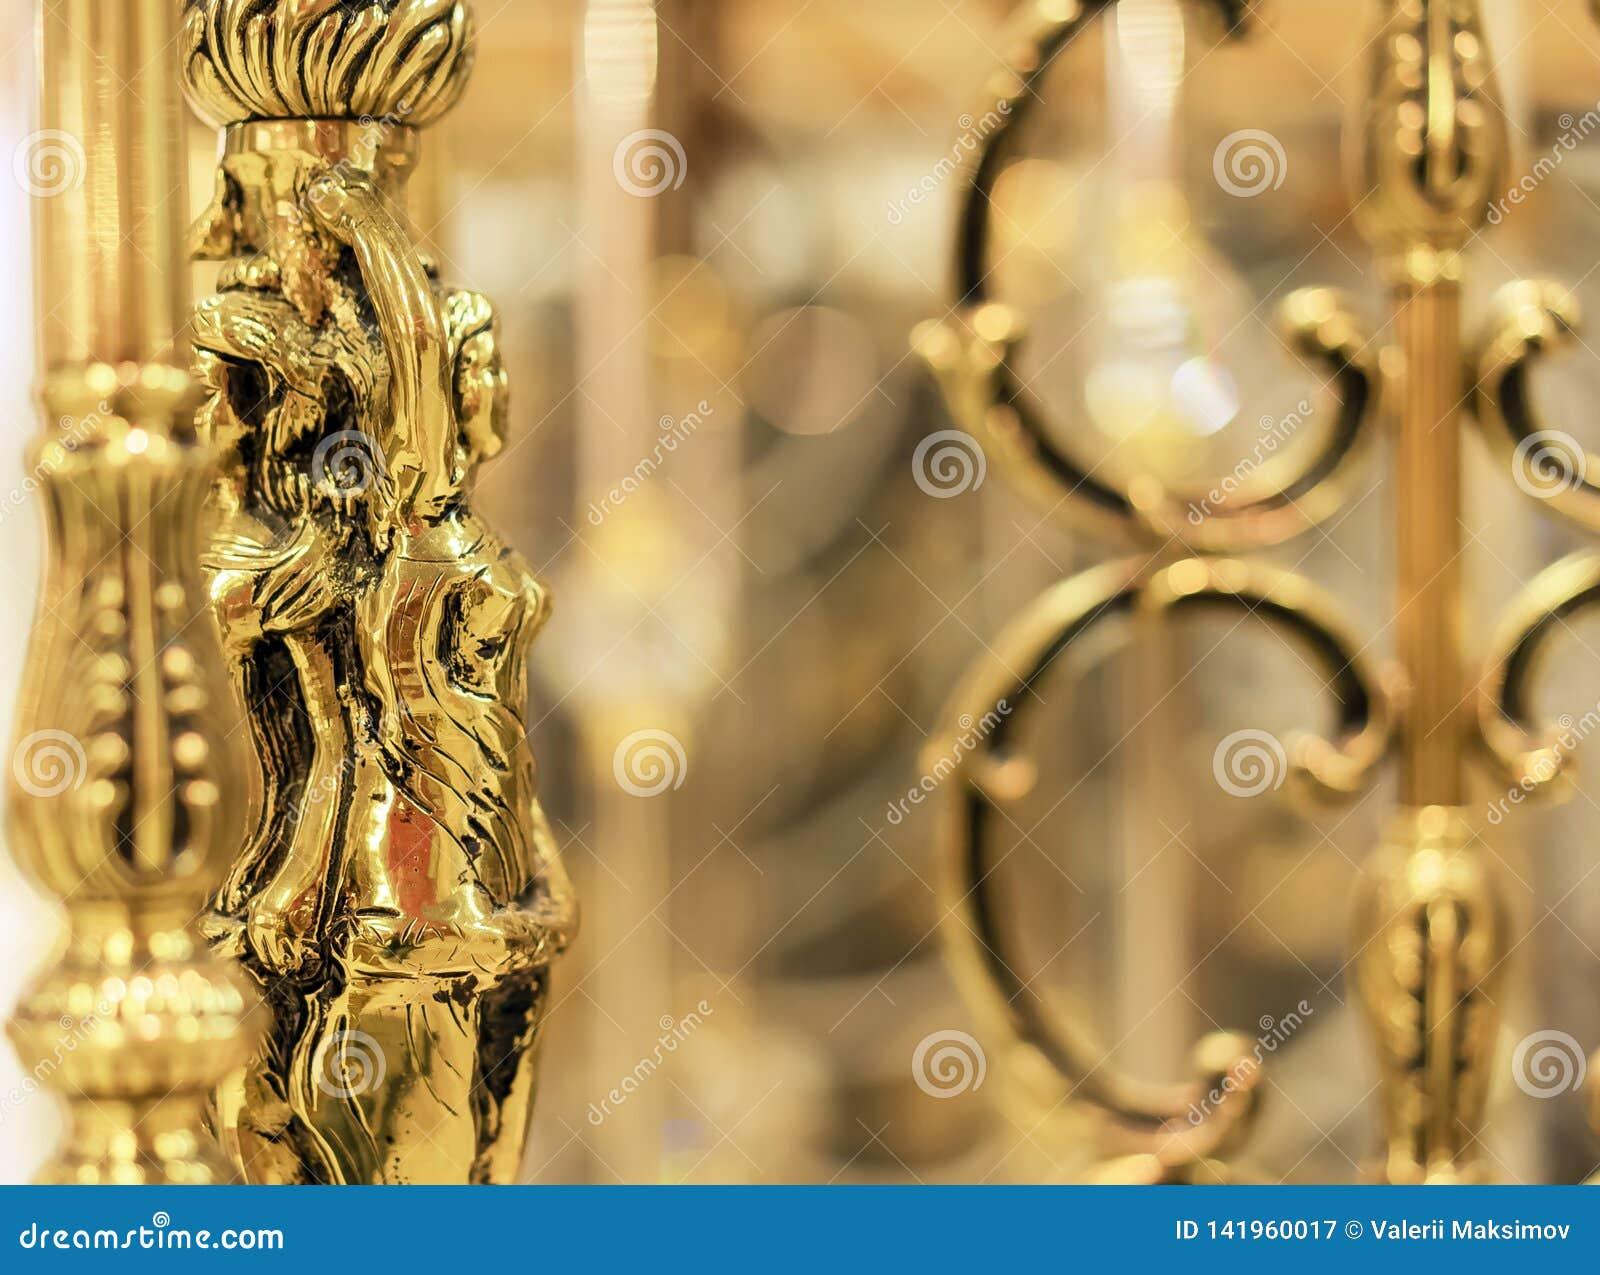 Estatueta dourada fêmea, artigo decorativo do interior